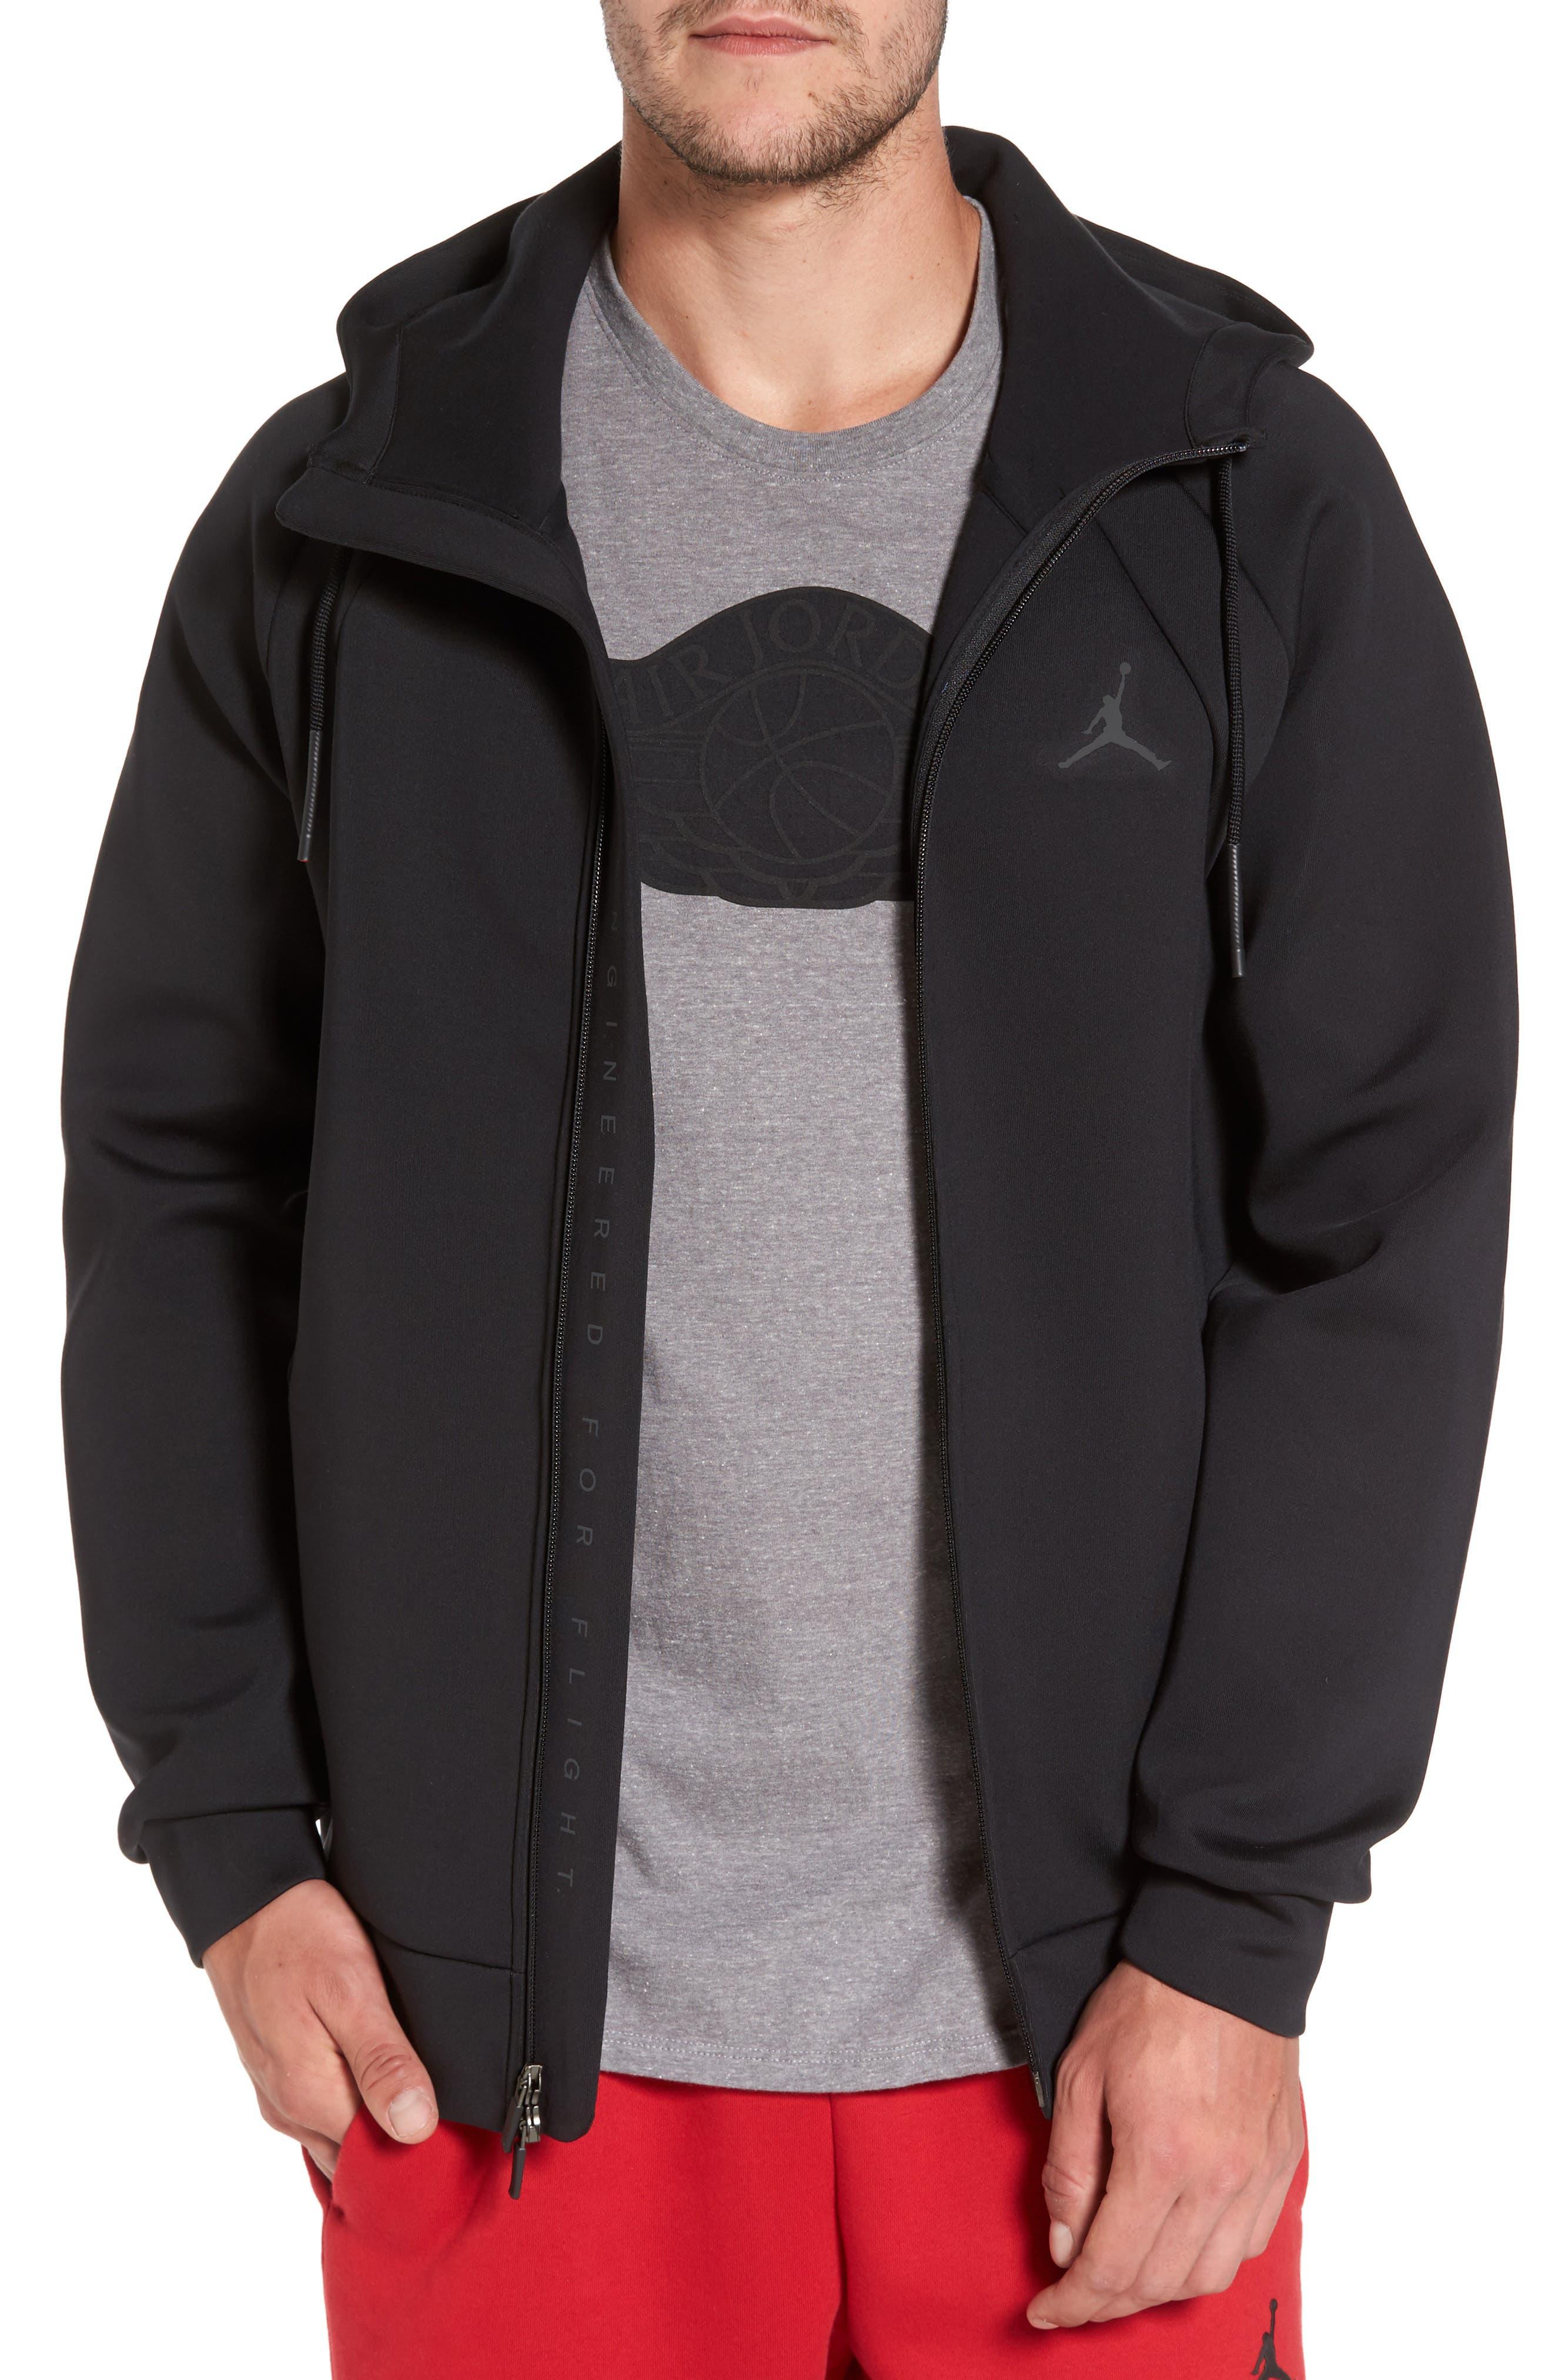 Nike Jordan Sportswear Flight Tech Shield Jacket